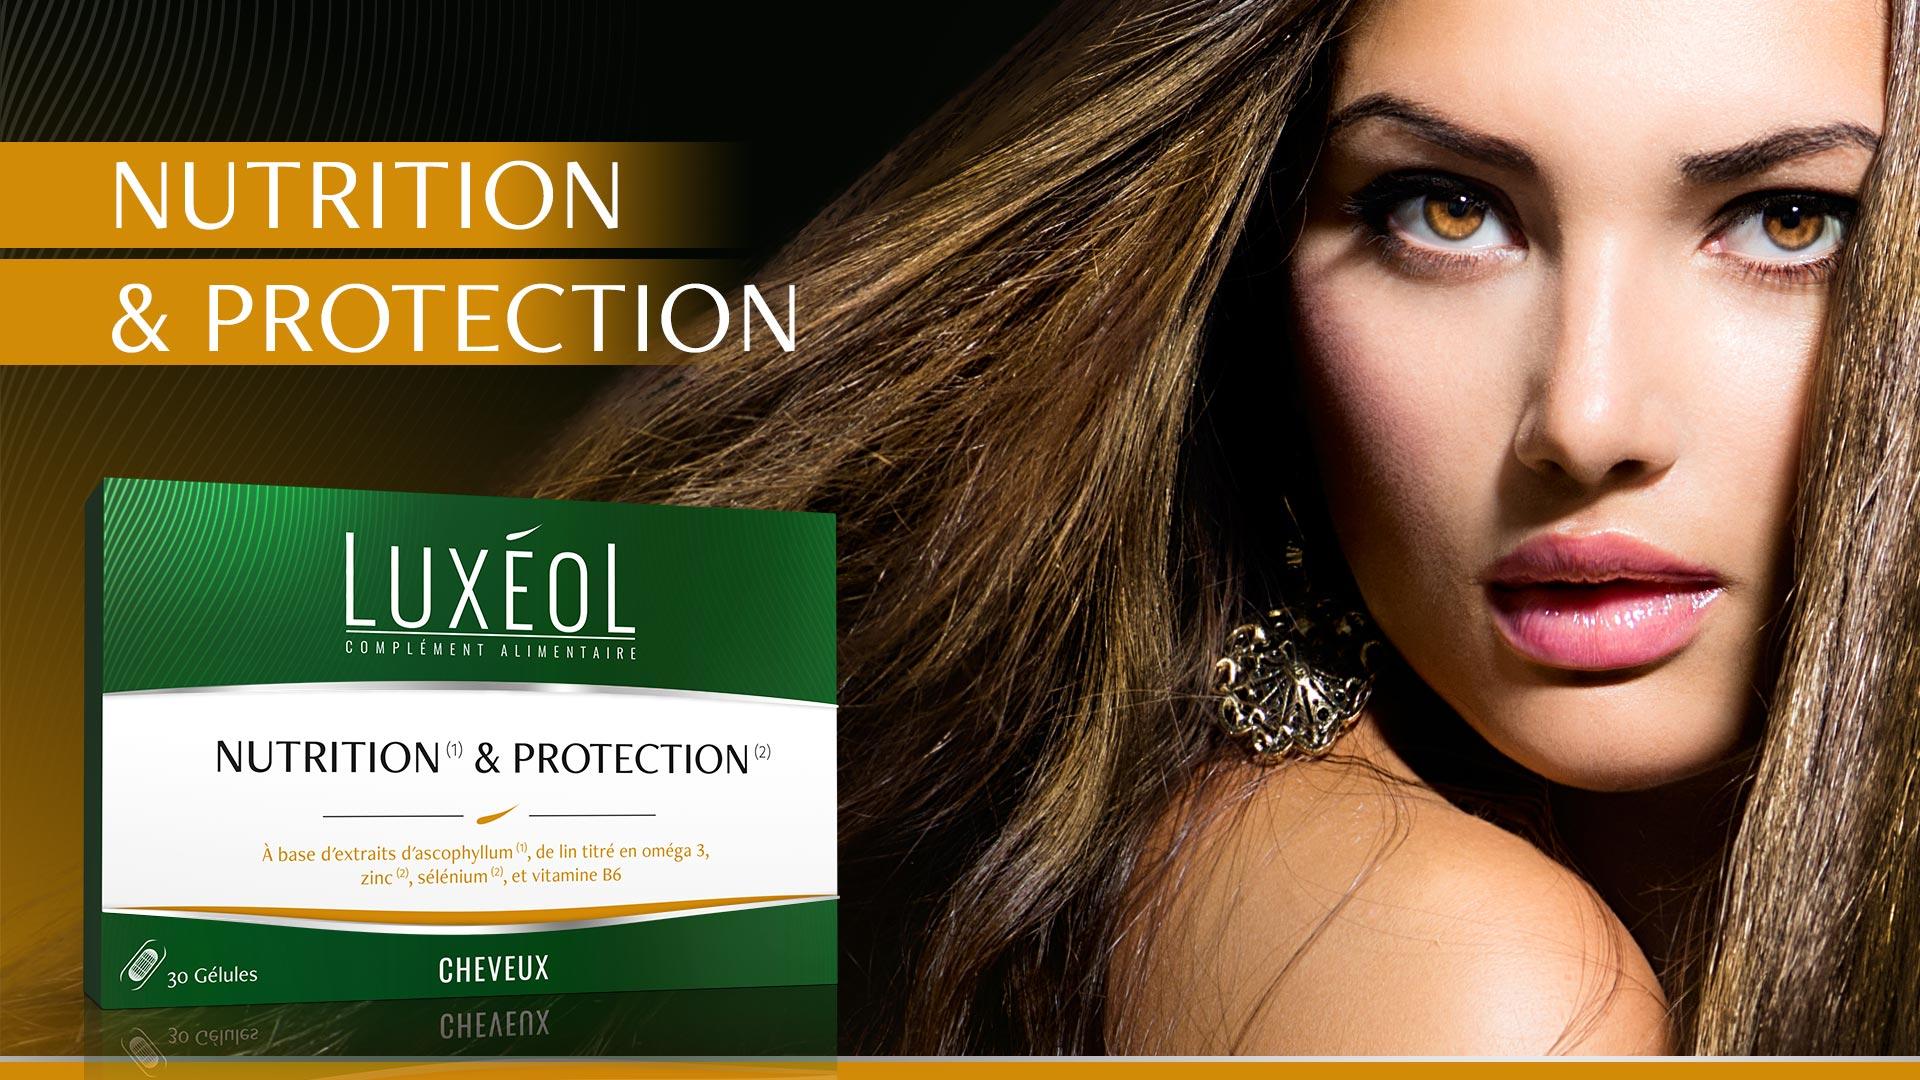 luxeol-nutrition-protection-ou-et-comment-l-acheter